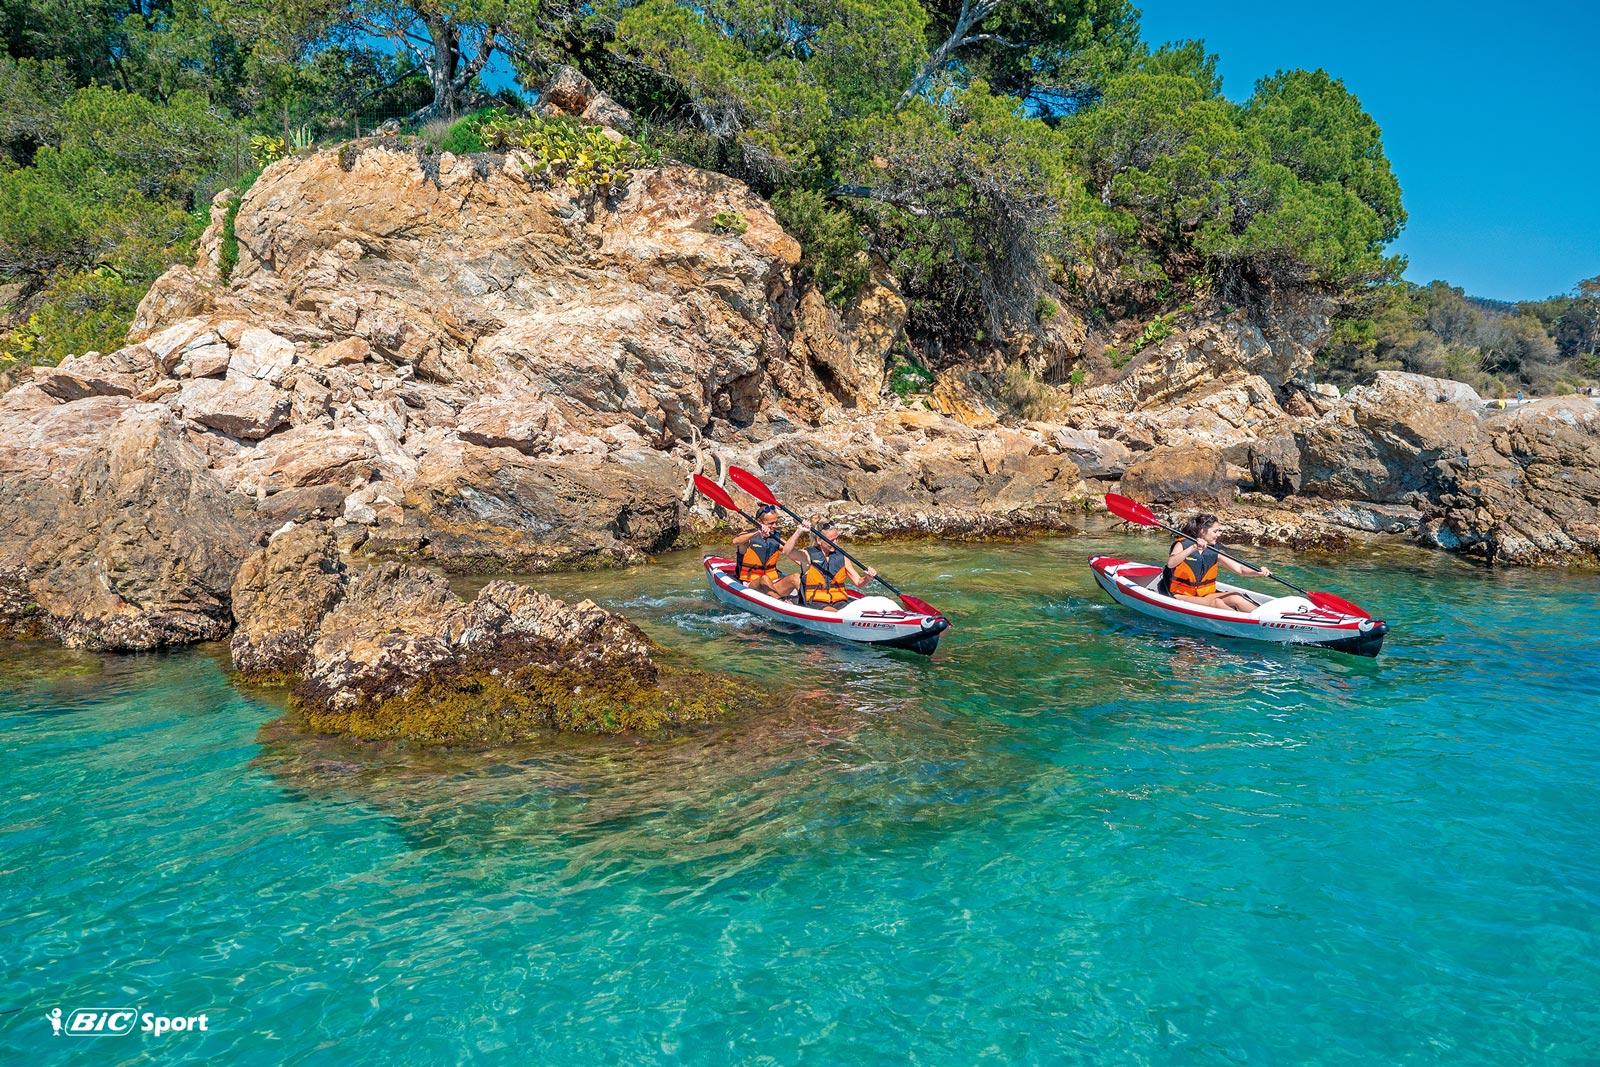 Tahe_Outdoors_Watersport_Brands_BIC-Kayaks_2019_FULL-HP_P1000245_Eric-Emmanuel_HR.jpg